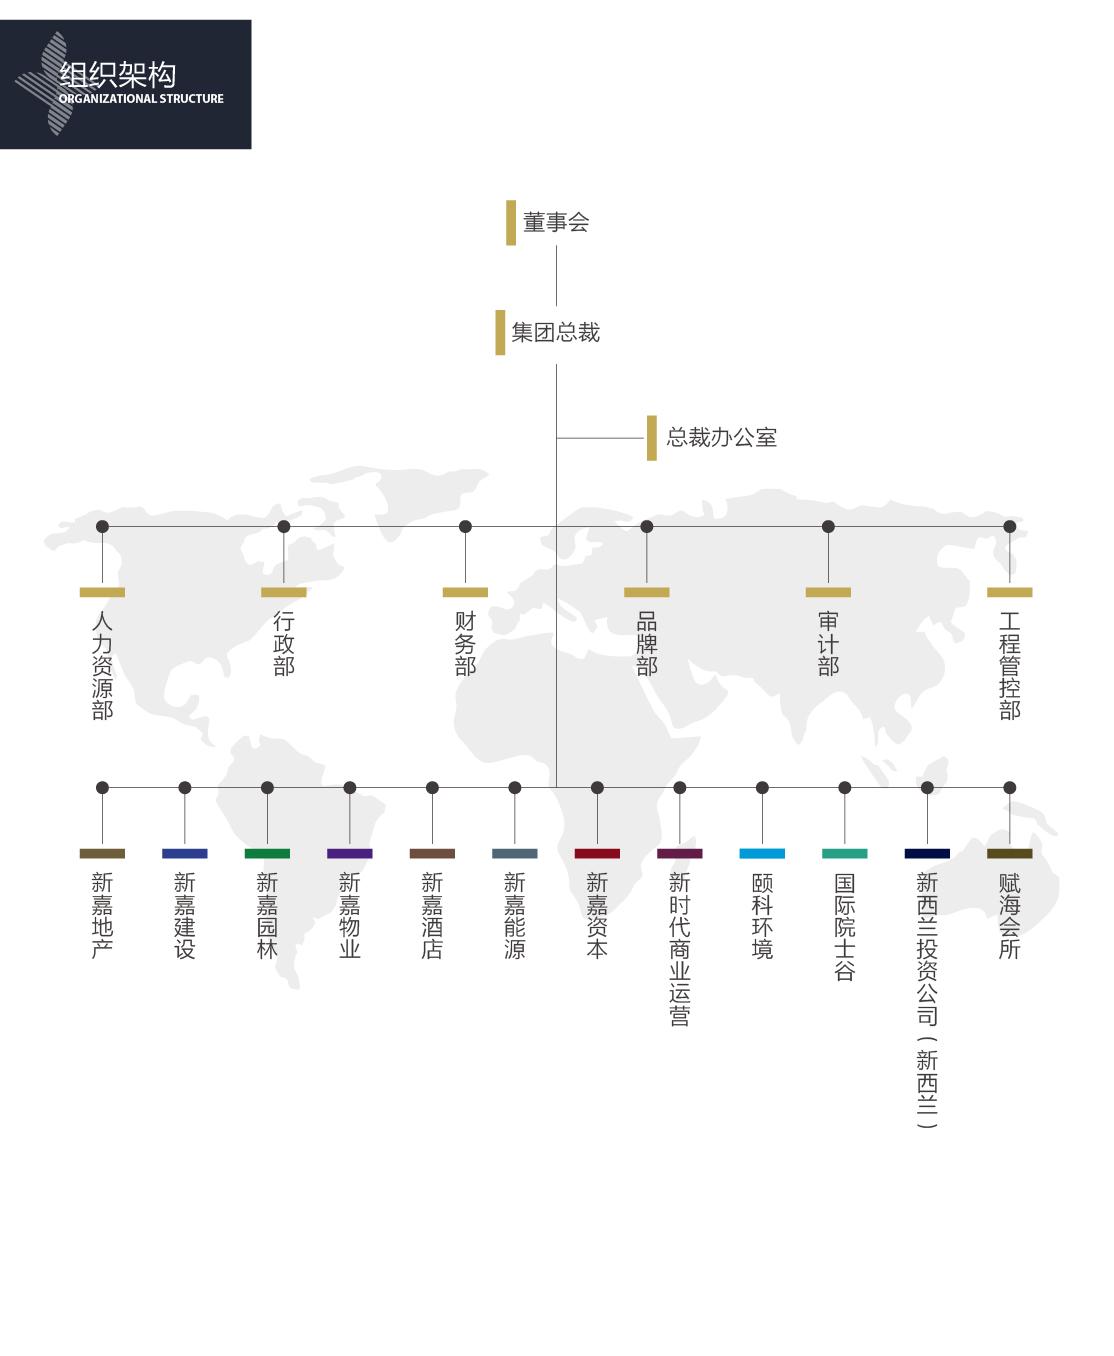 組織架構圖_畫板 1.jpg